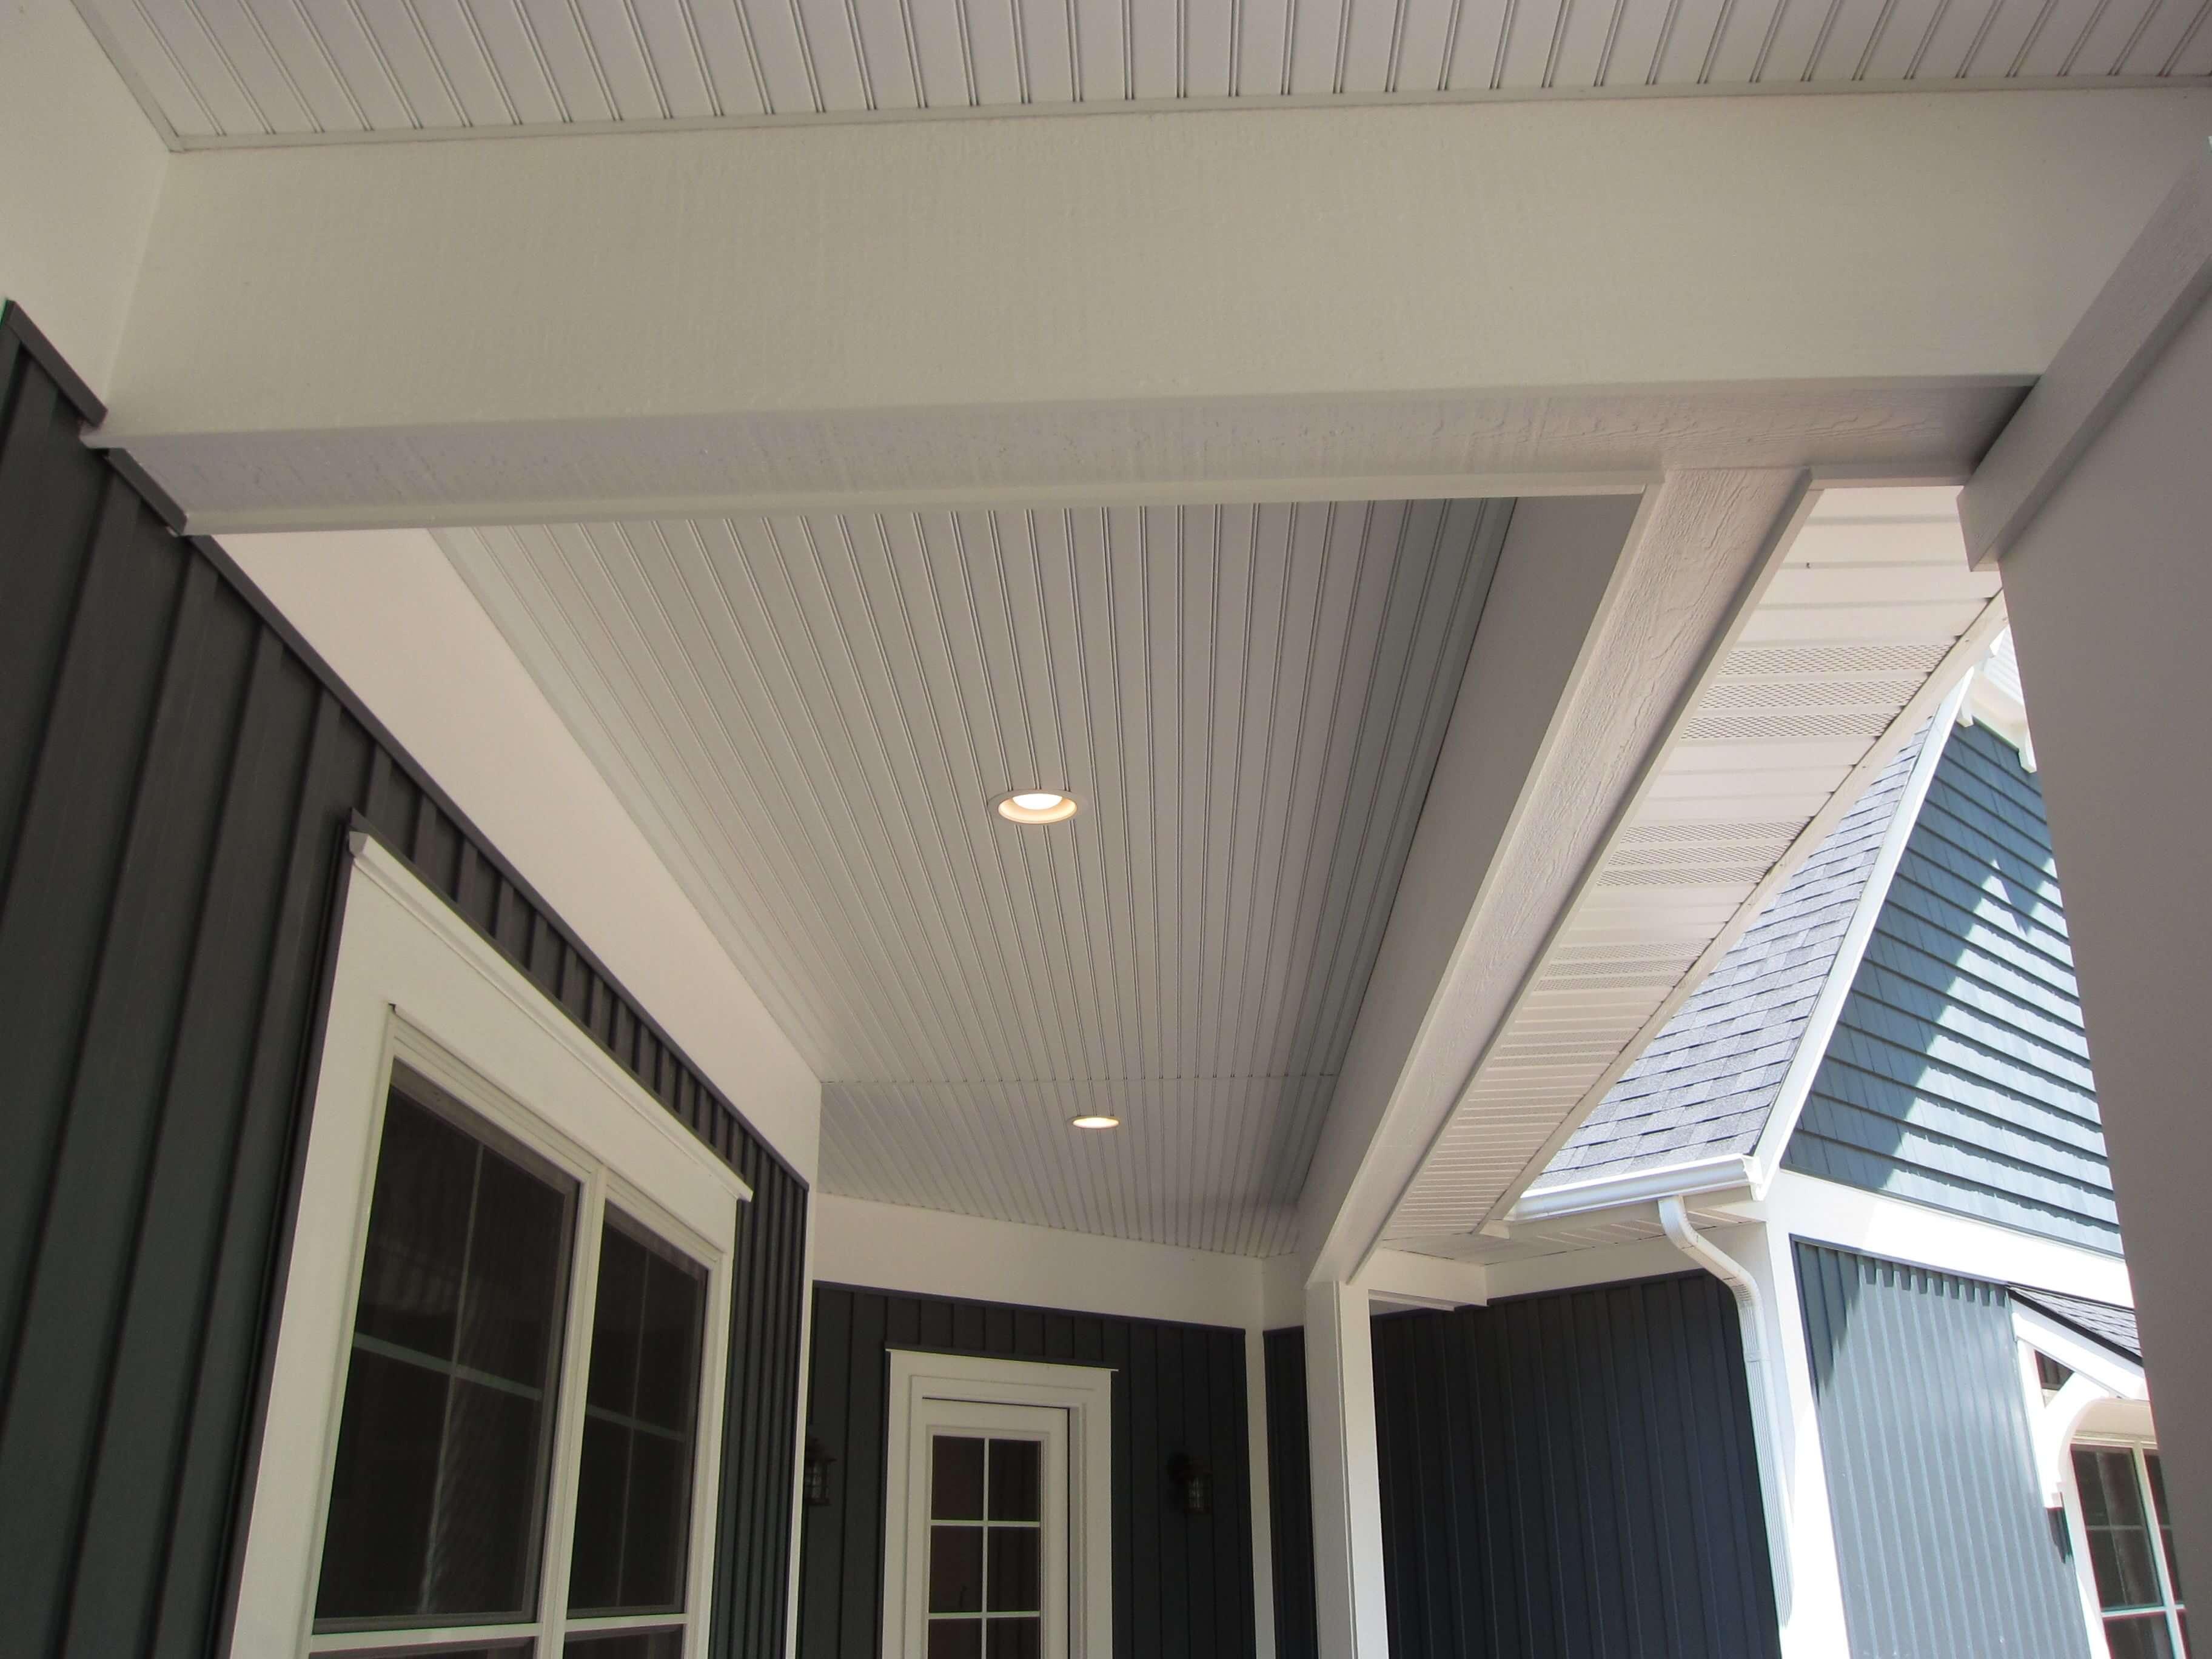 vinyl siding for garage ceiling